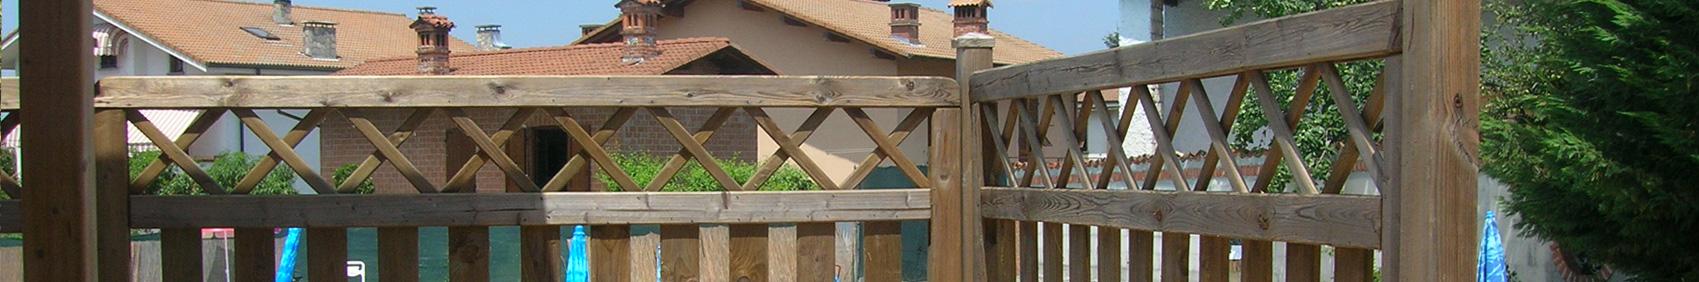 Steccati e recinzioni in legno fai da te onlywood - Palizzate in legno per giardino ...